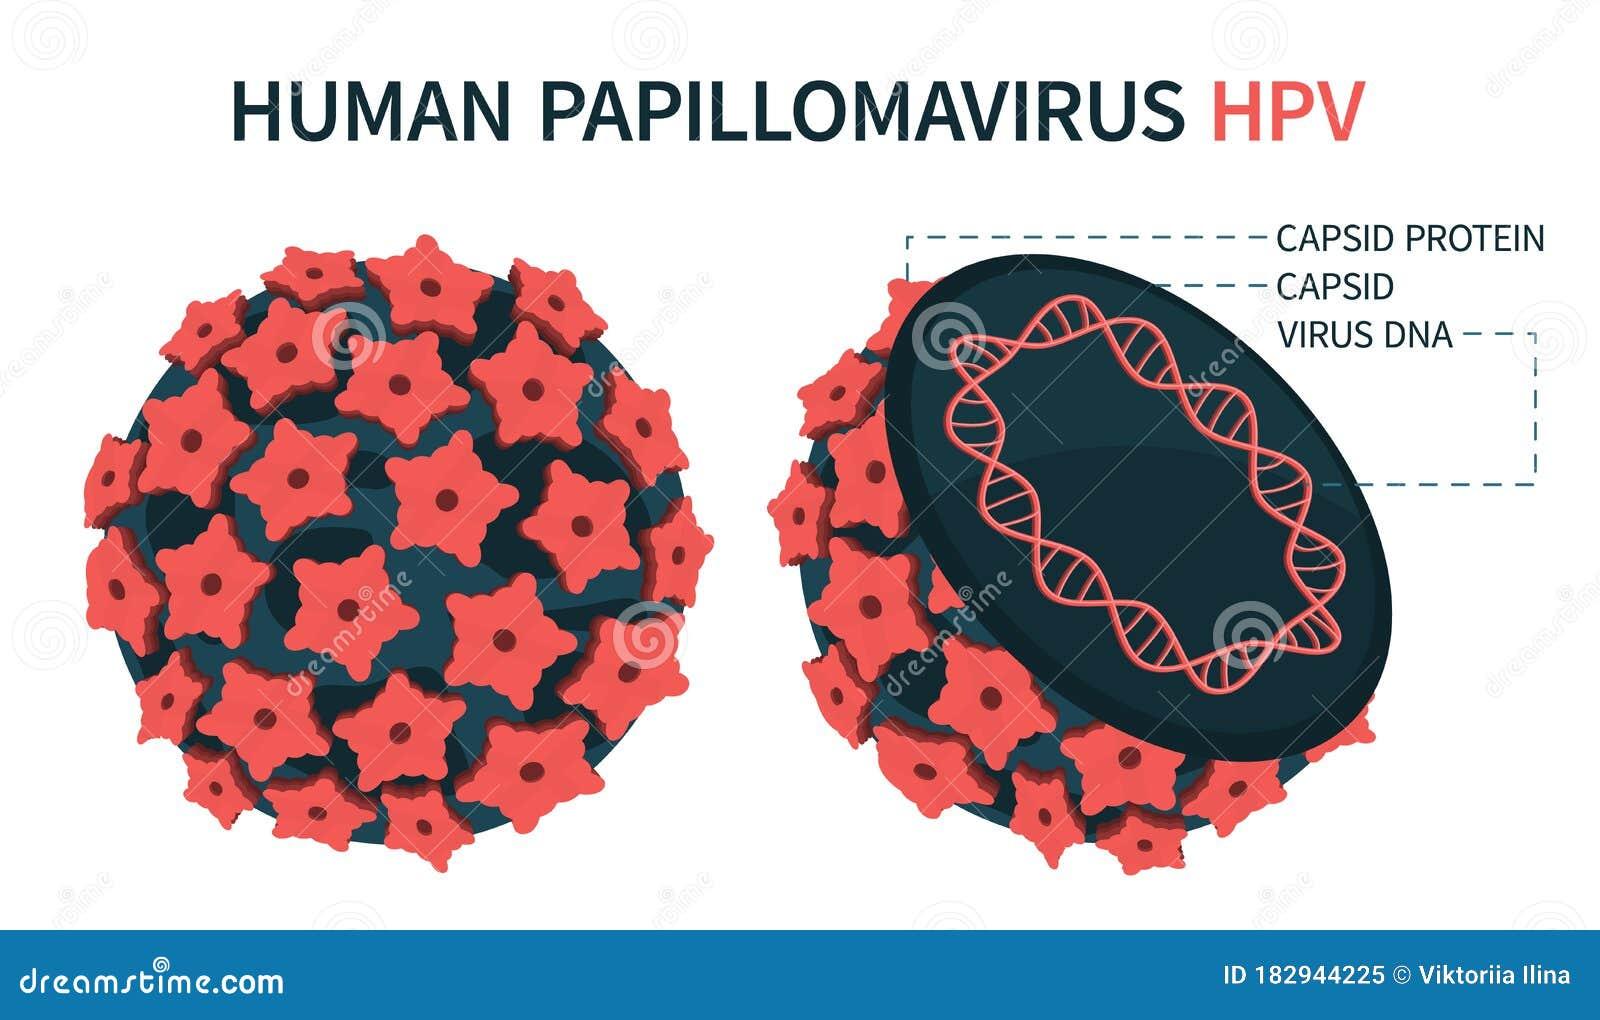 human papillomavirus retrovirus schistosomiasis treatments